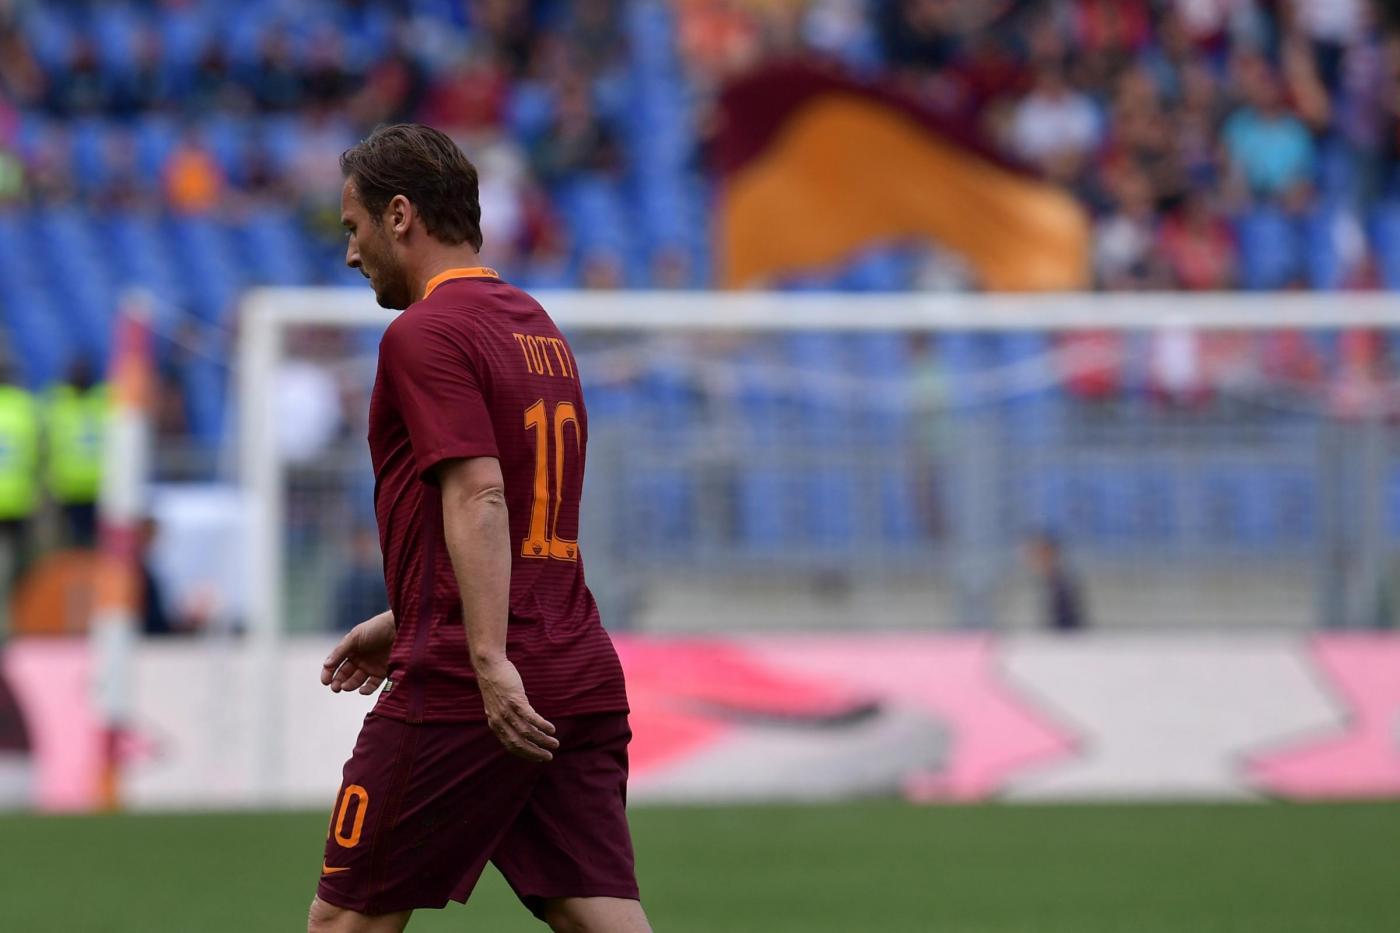 La Roma vince 3-1 in rimonta, scudetto Juventus rimandato (salvo sorprese?)